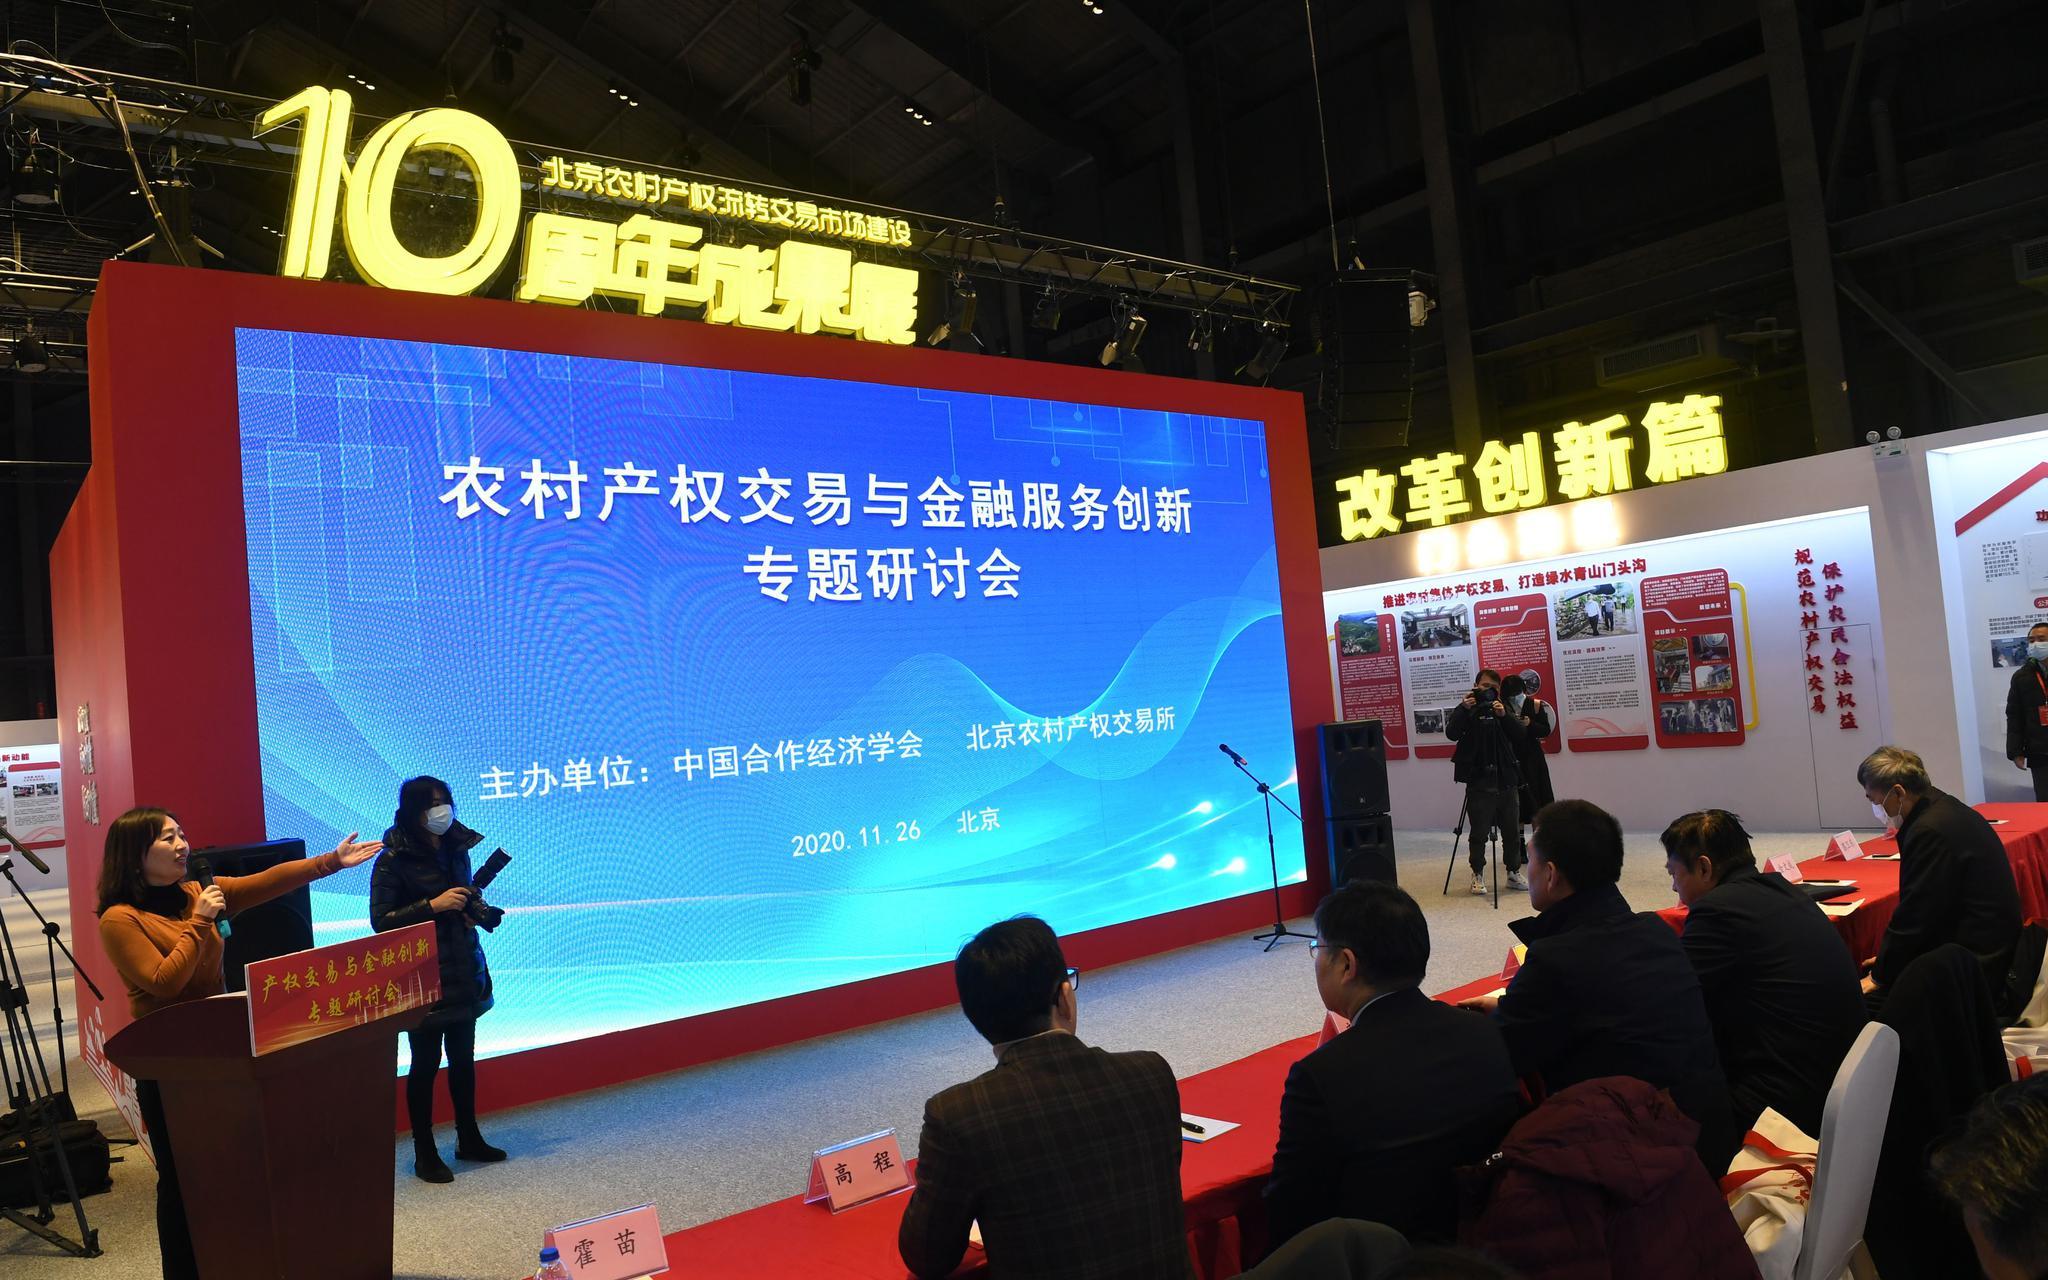 北京10年完成156亿元农村产权交易图片